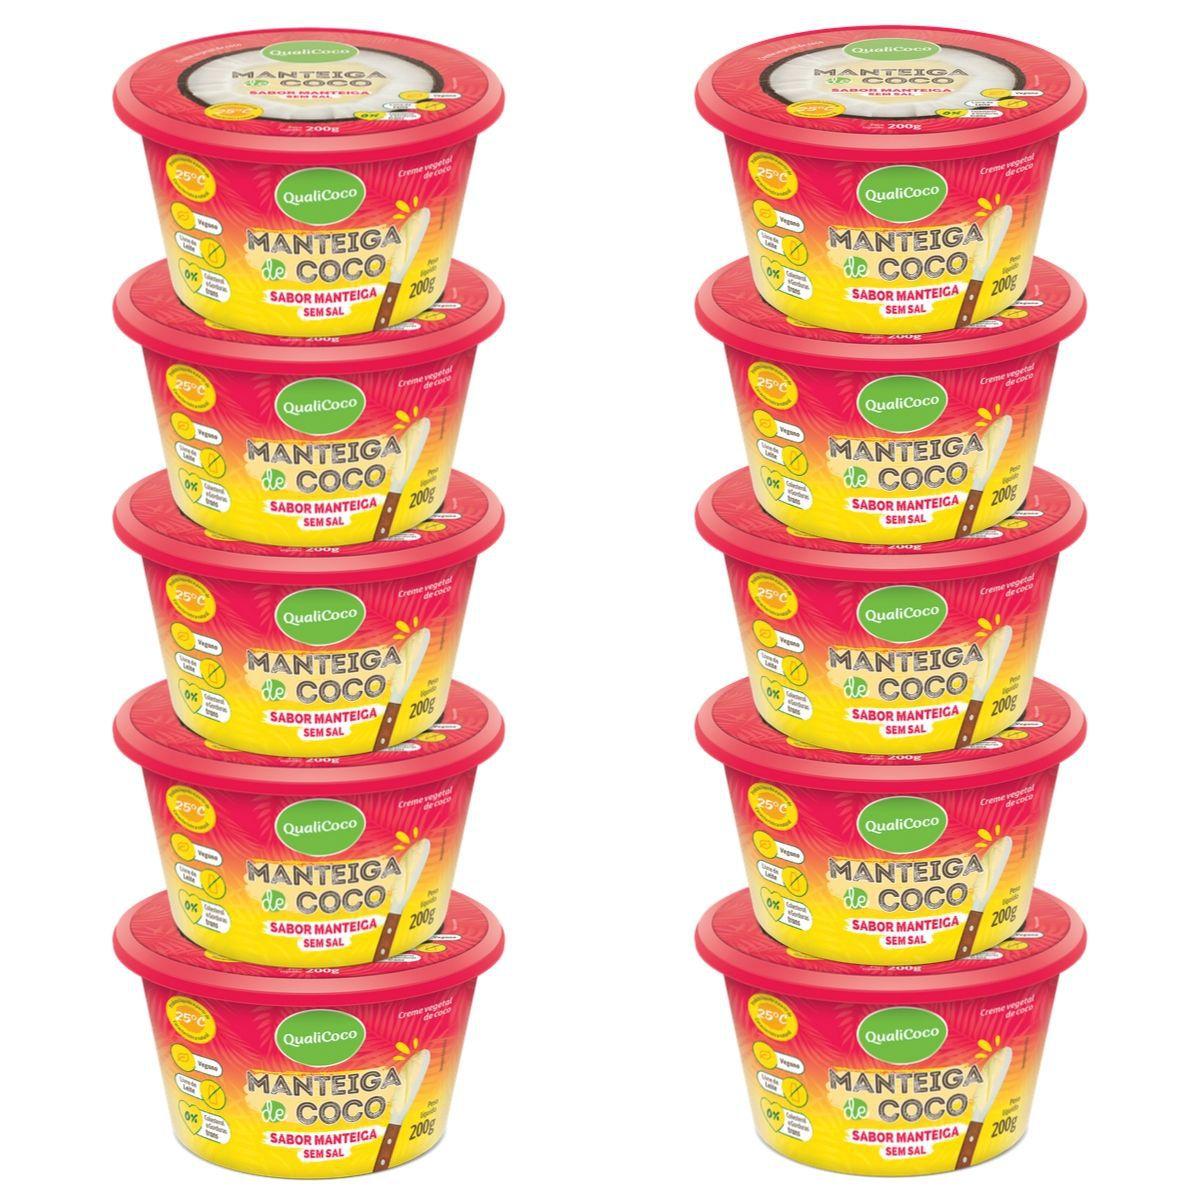 Kit 10 Manteigas De Coco Sem Sal Sabor Manteiga 200g - QualiCôco